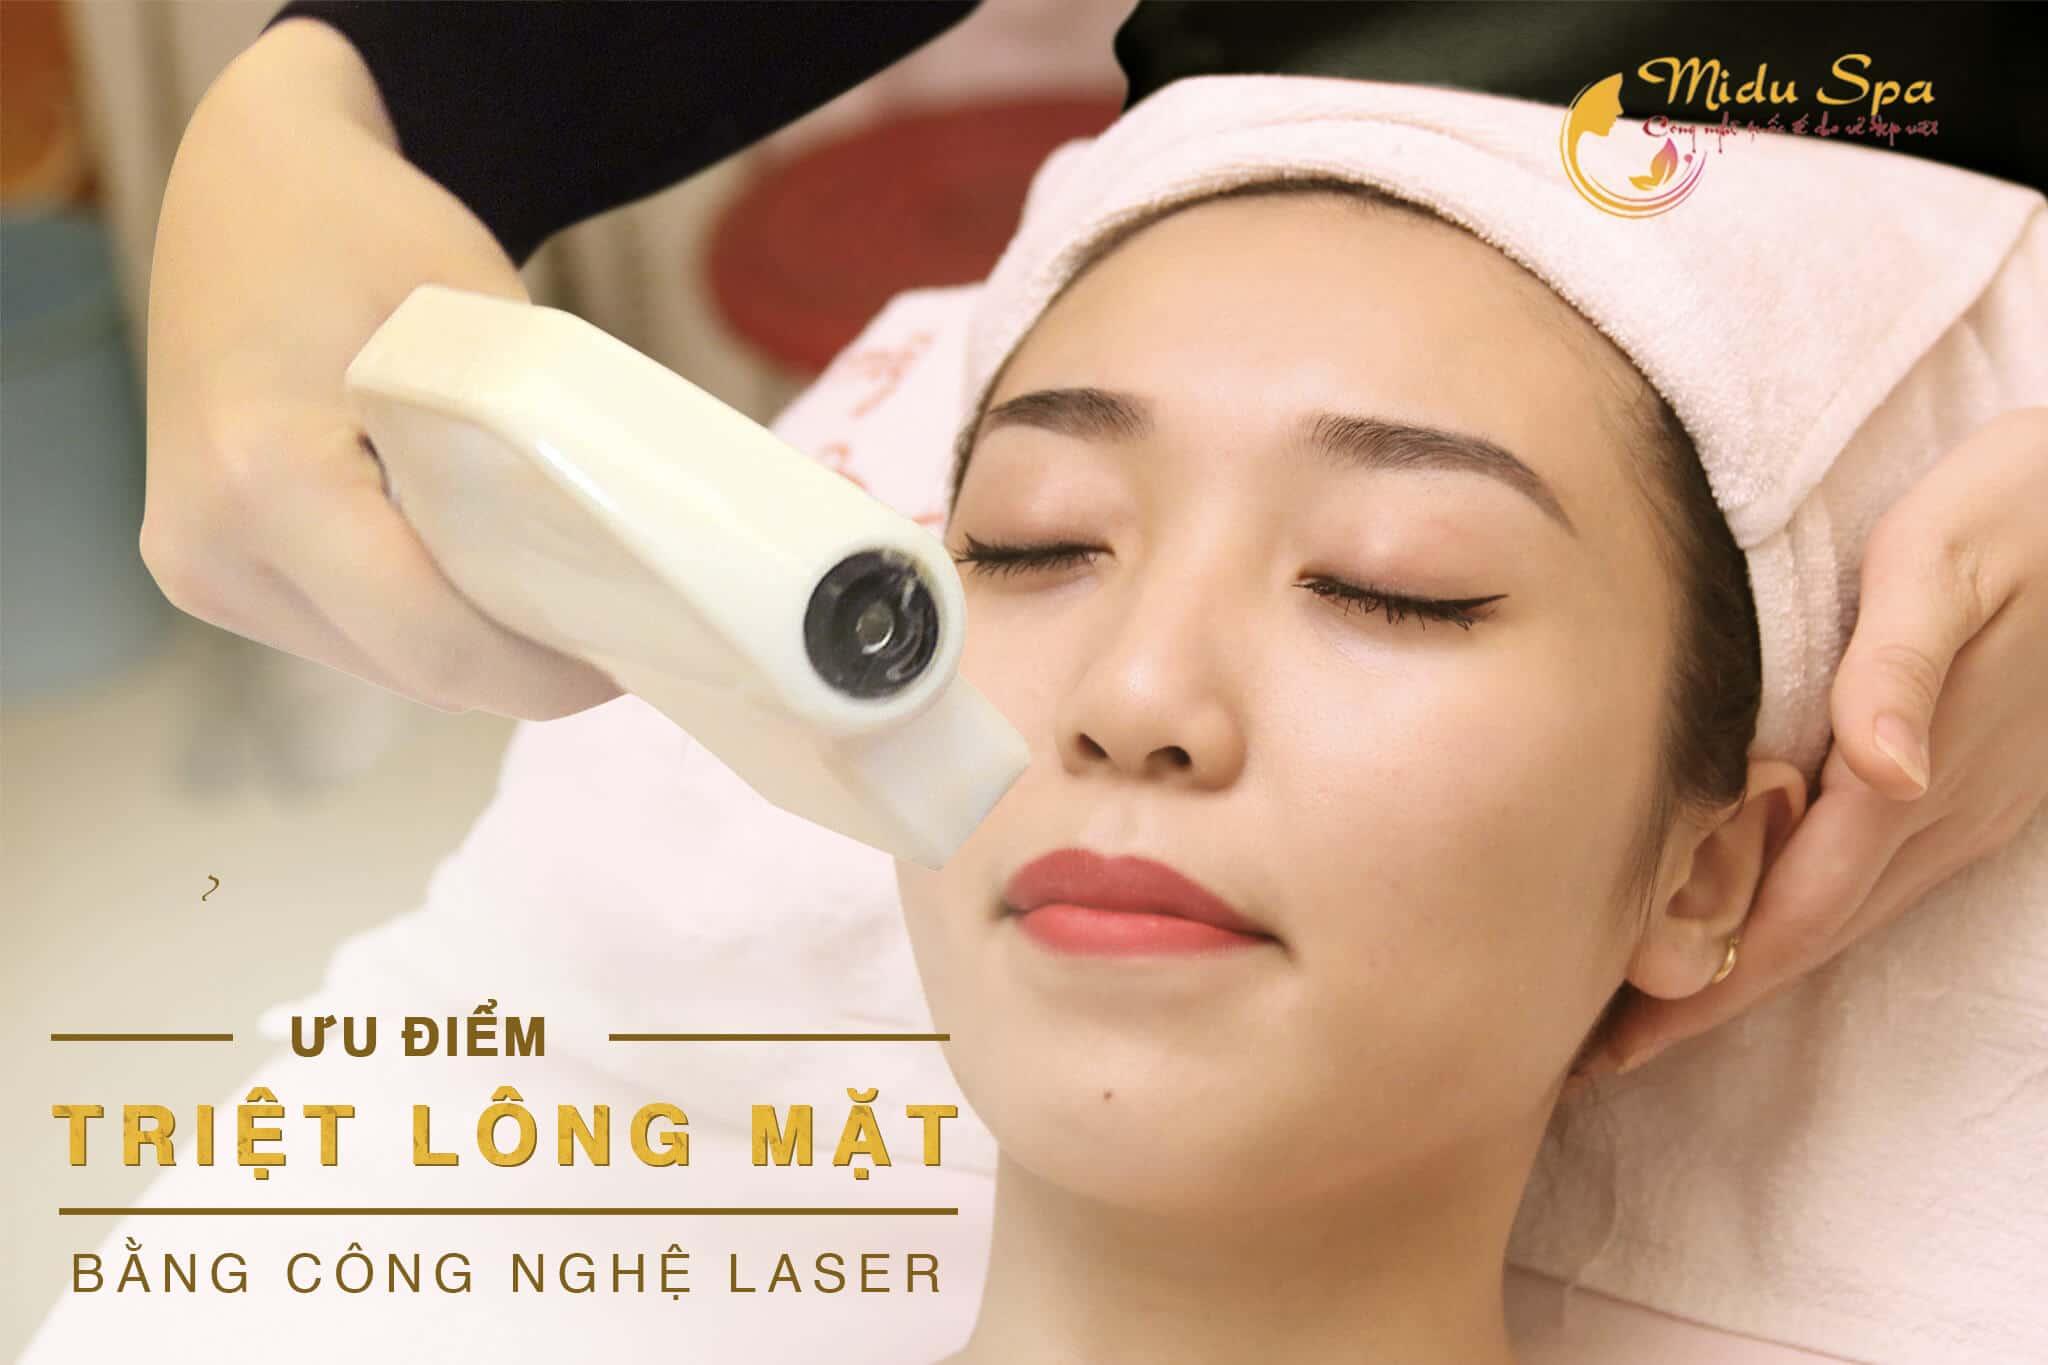 ưu điểm triệt lông mặt bằng laser